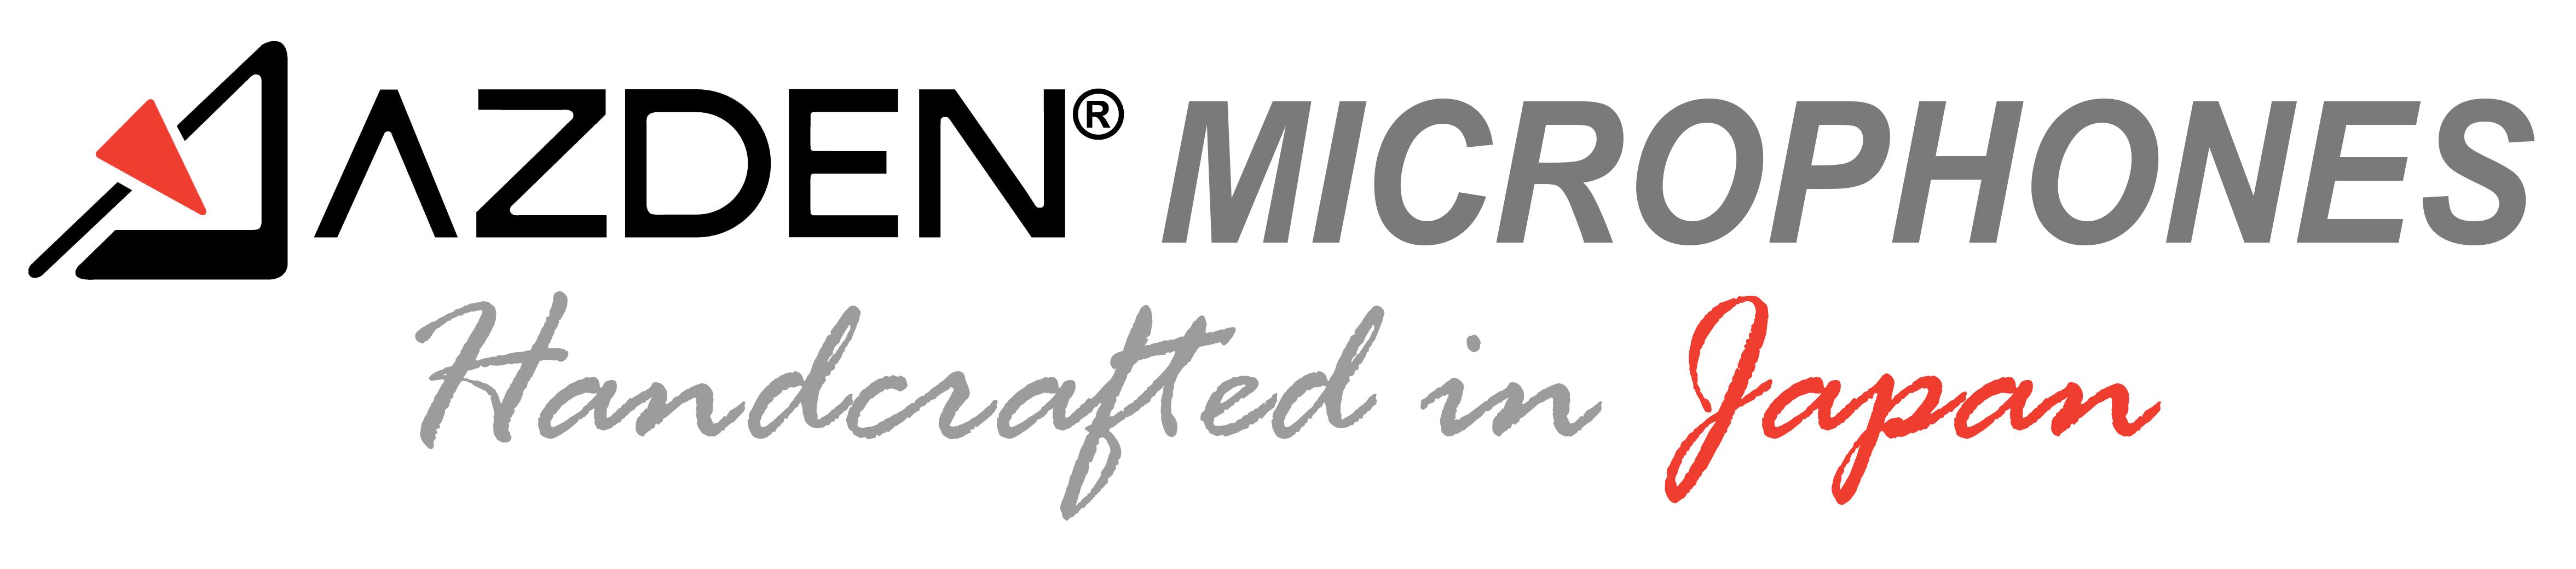 microphones-handcrafted